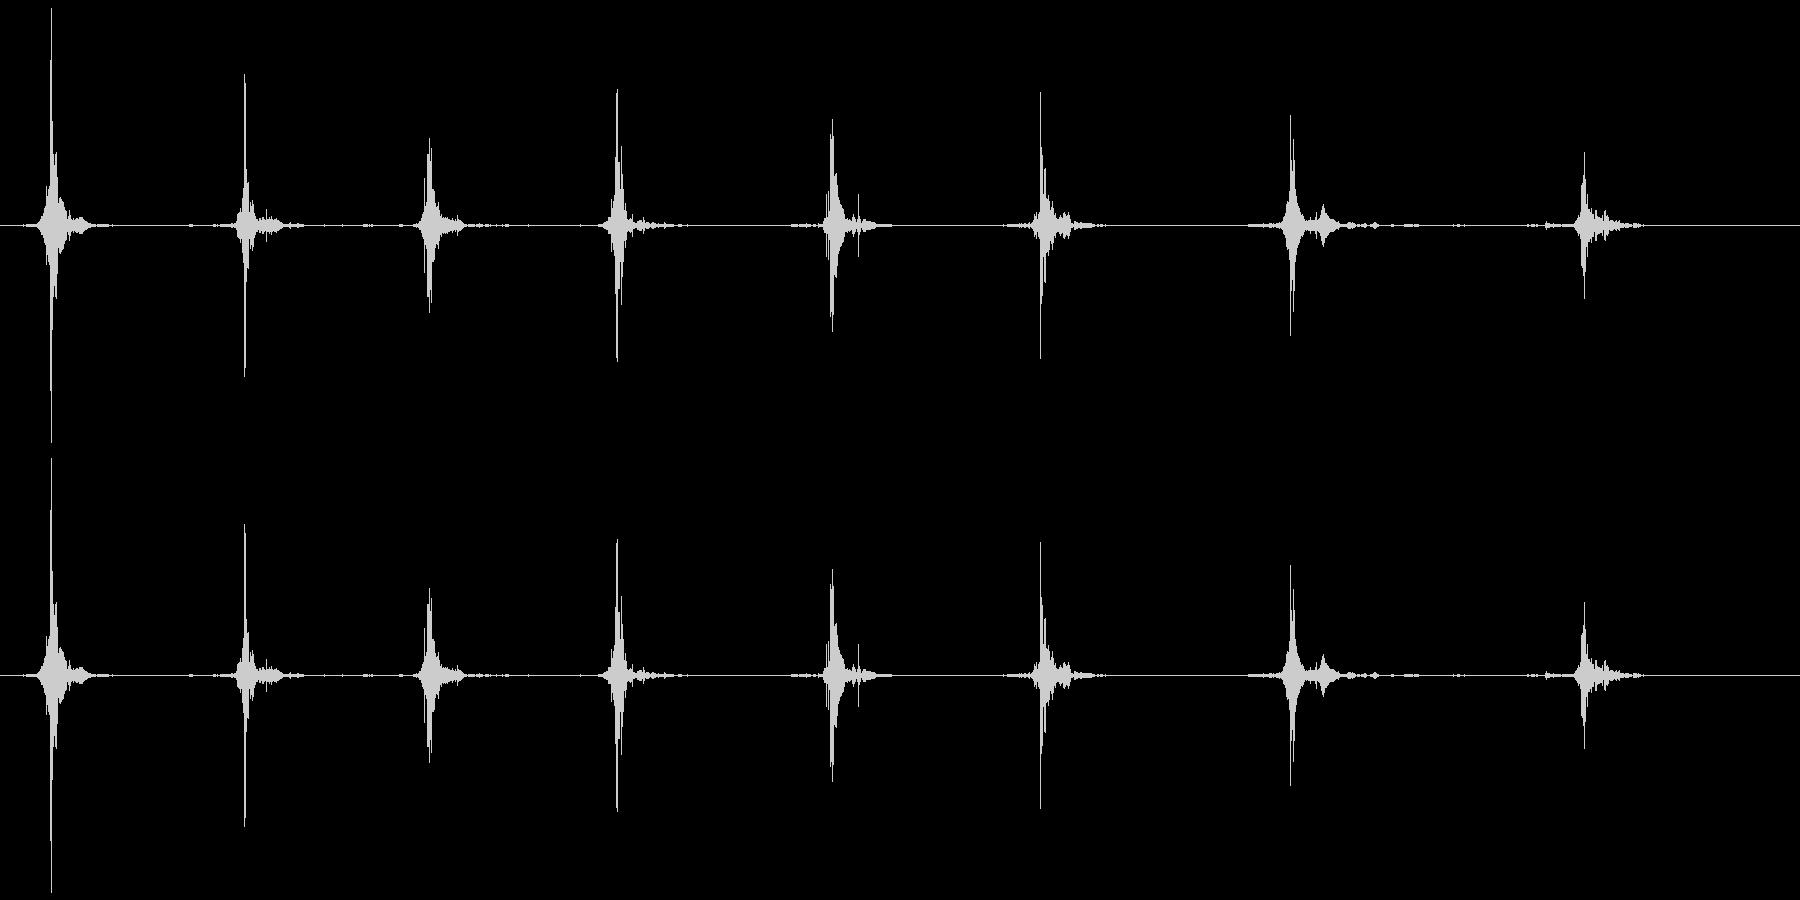 鳥 翼フラップ05の未再生の波形